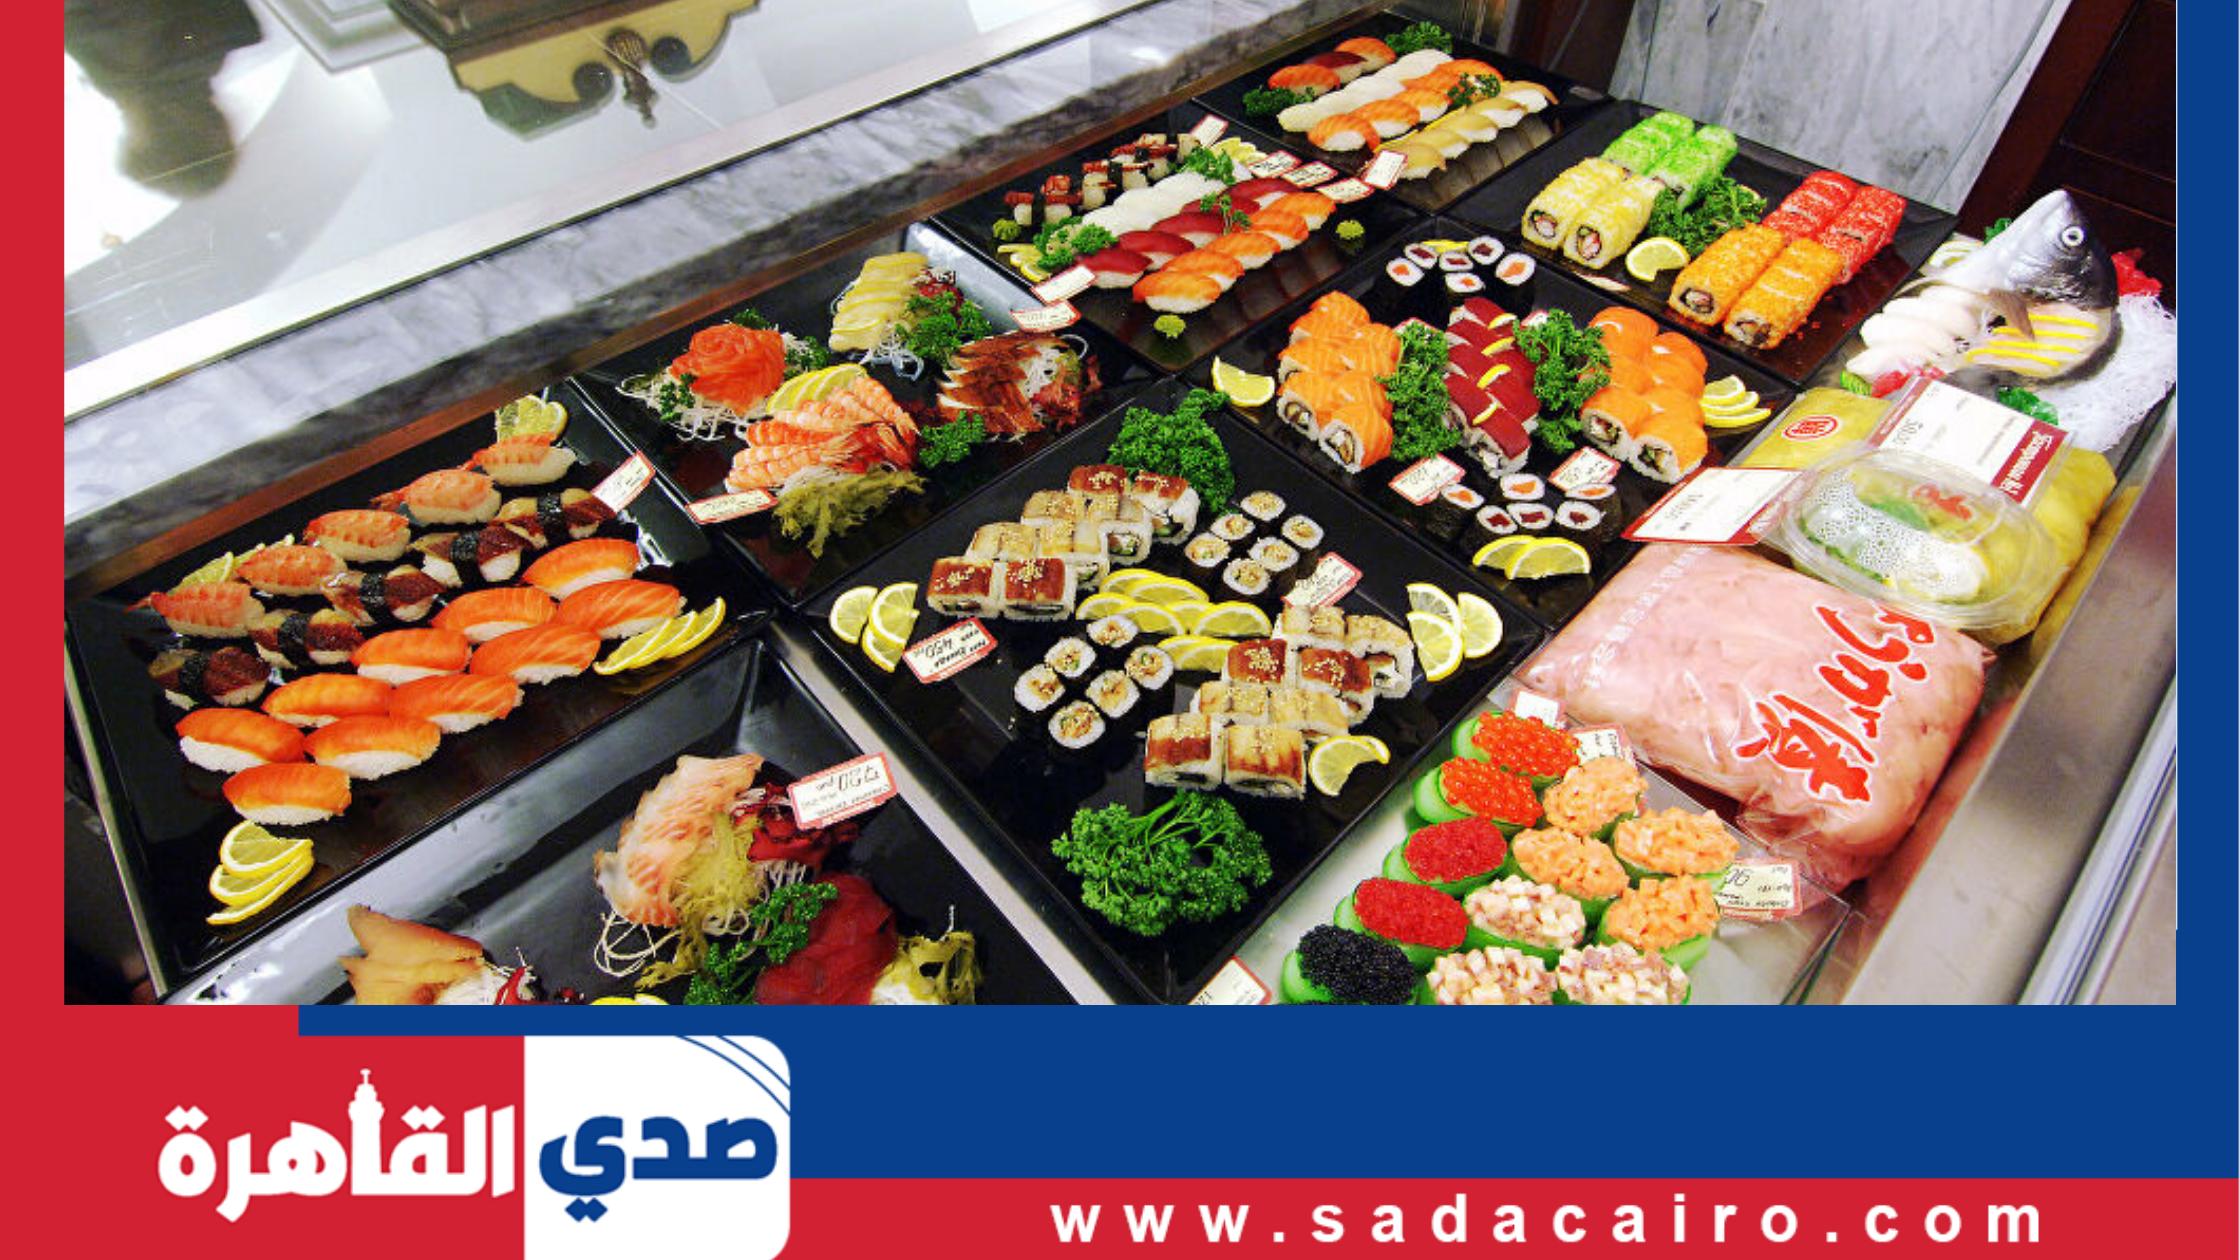 بالفيديو.. مطعم سوشي يقدم خدماته من خلال أشخاص مفتولي العضلات